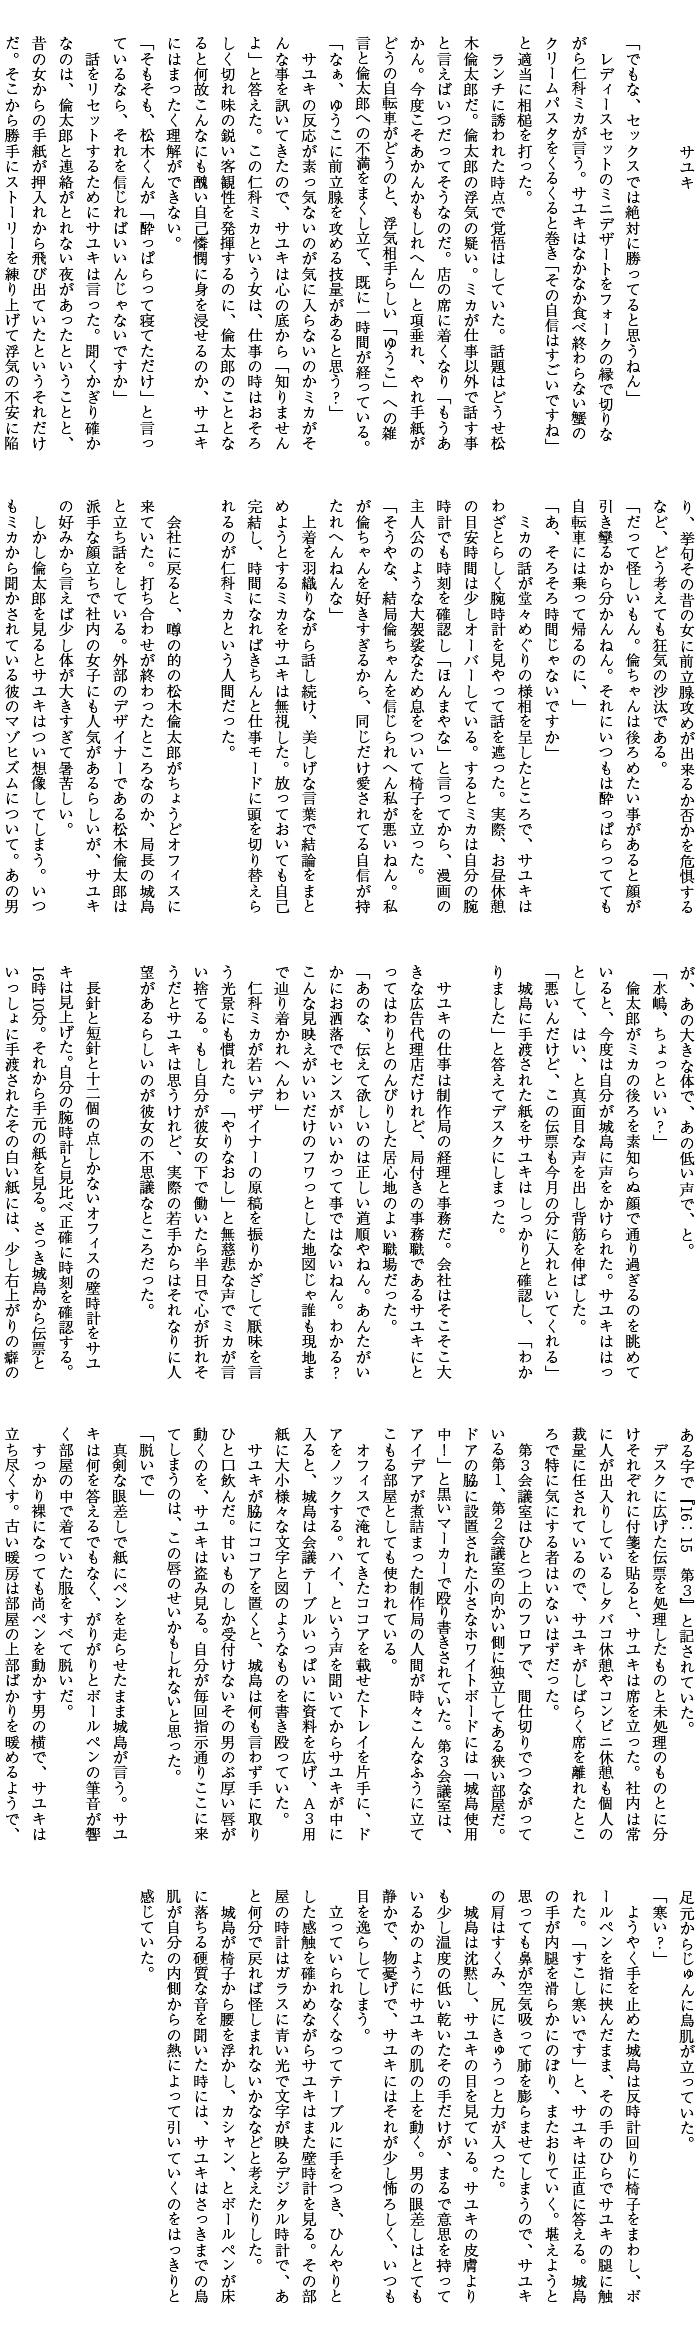 ii_02_text1.jpg